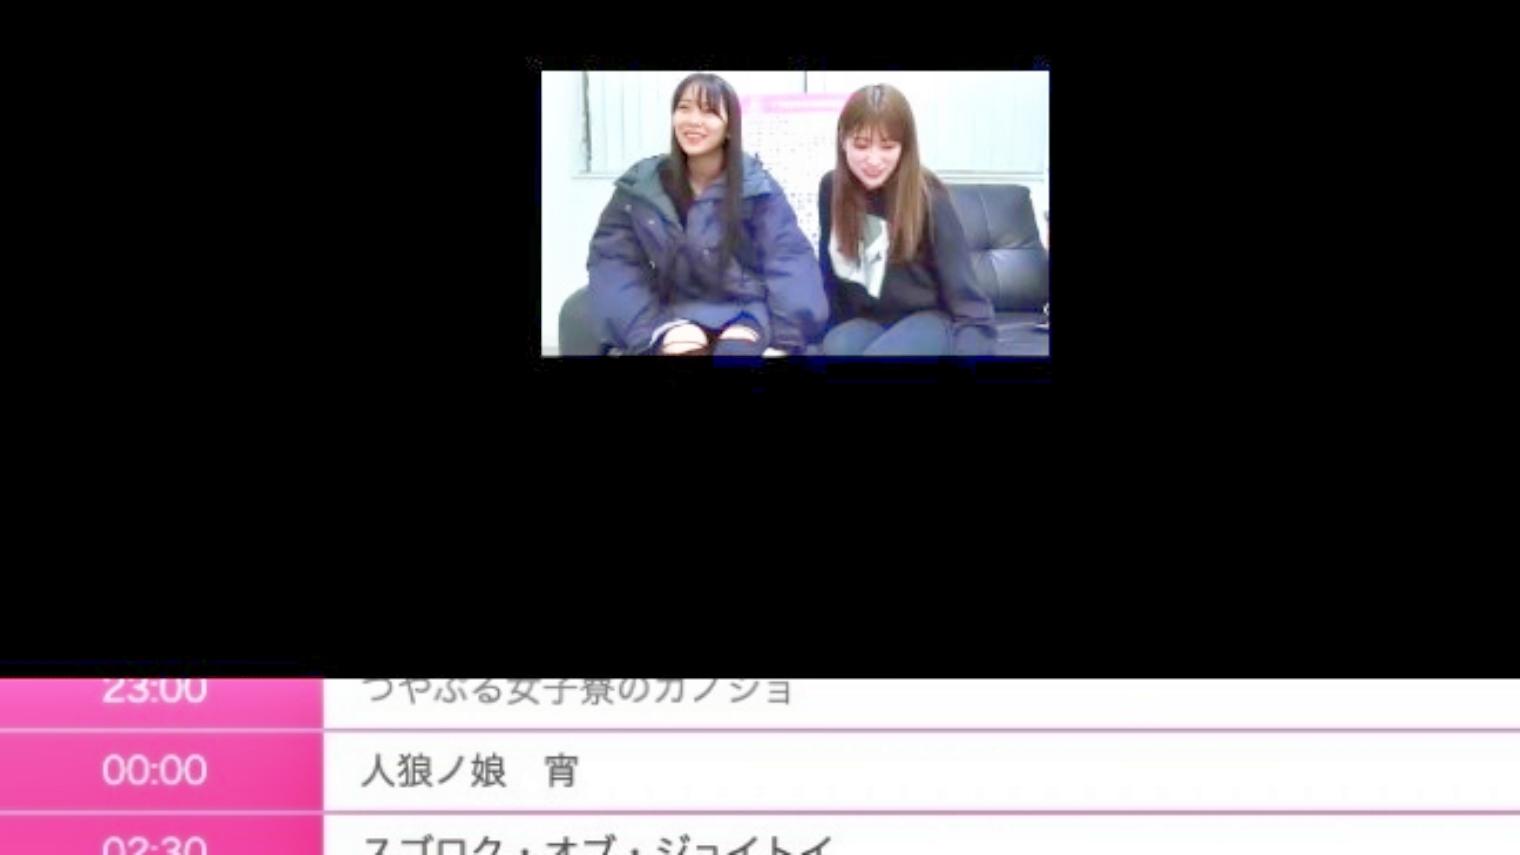 【NMB48】YNN24時間専門学校「人狼ノ娘 宵」の「NMBとまなぶくん」かぶりの時間はNMB48メンバーではない誰かが登場。